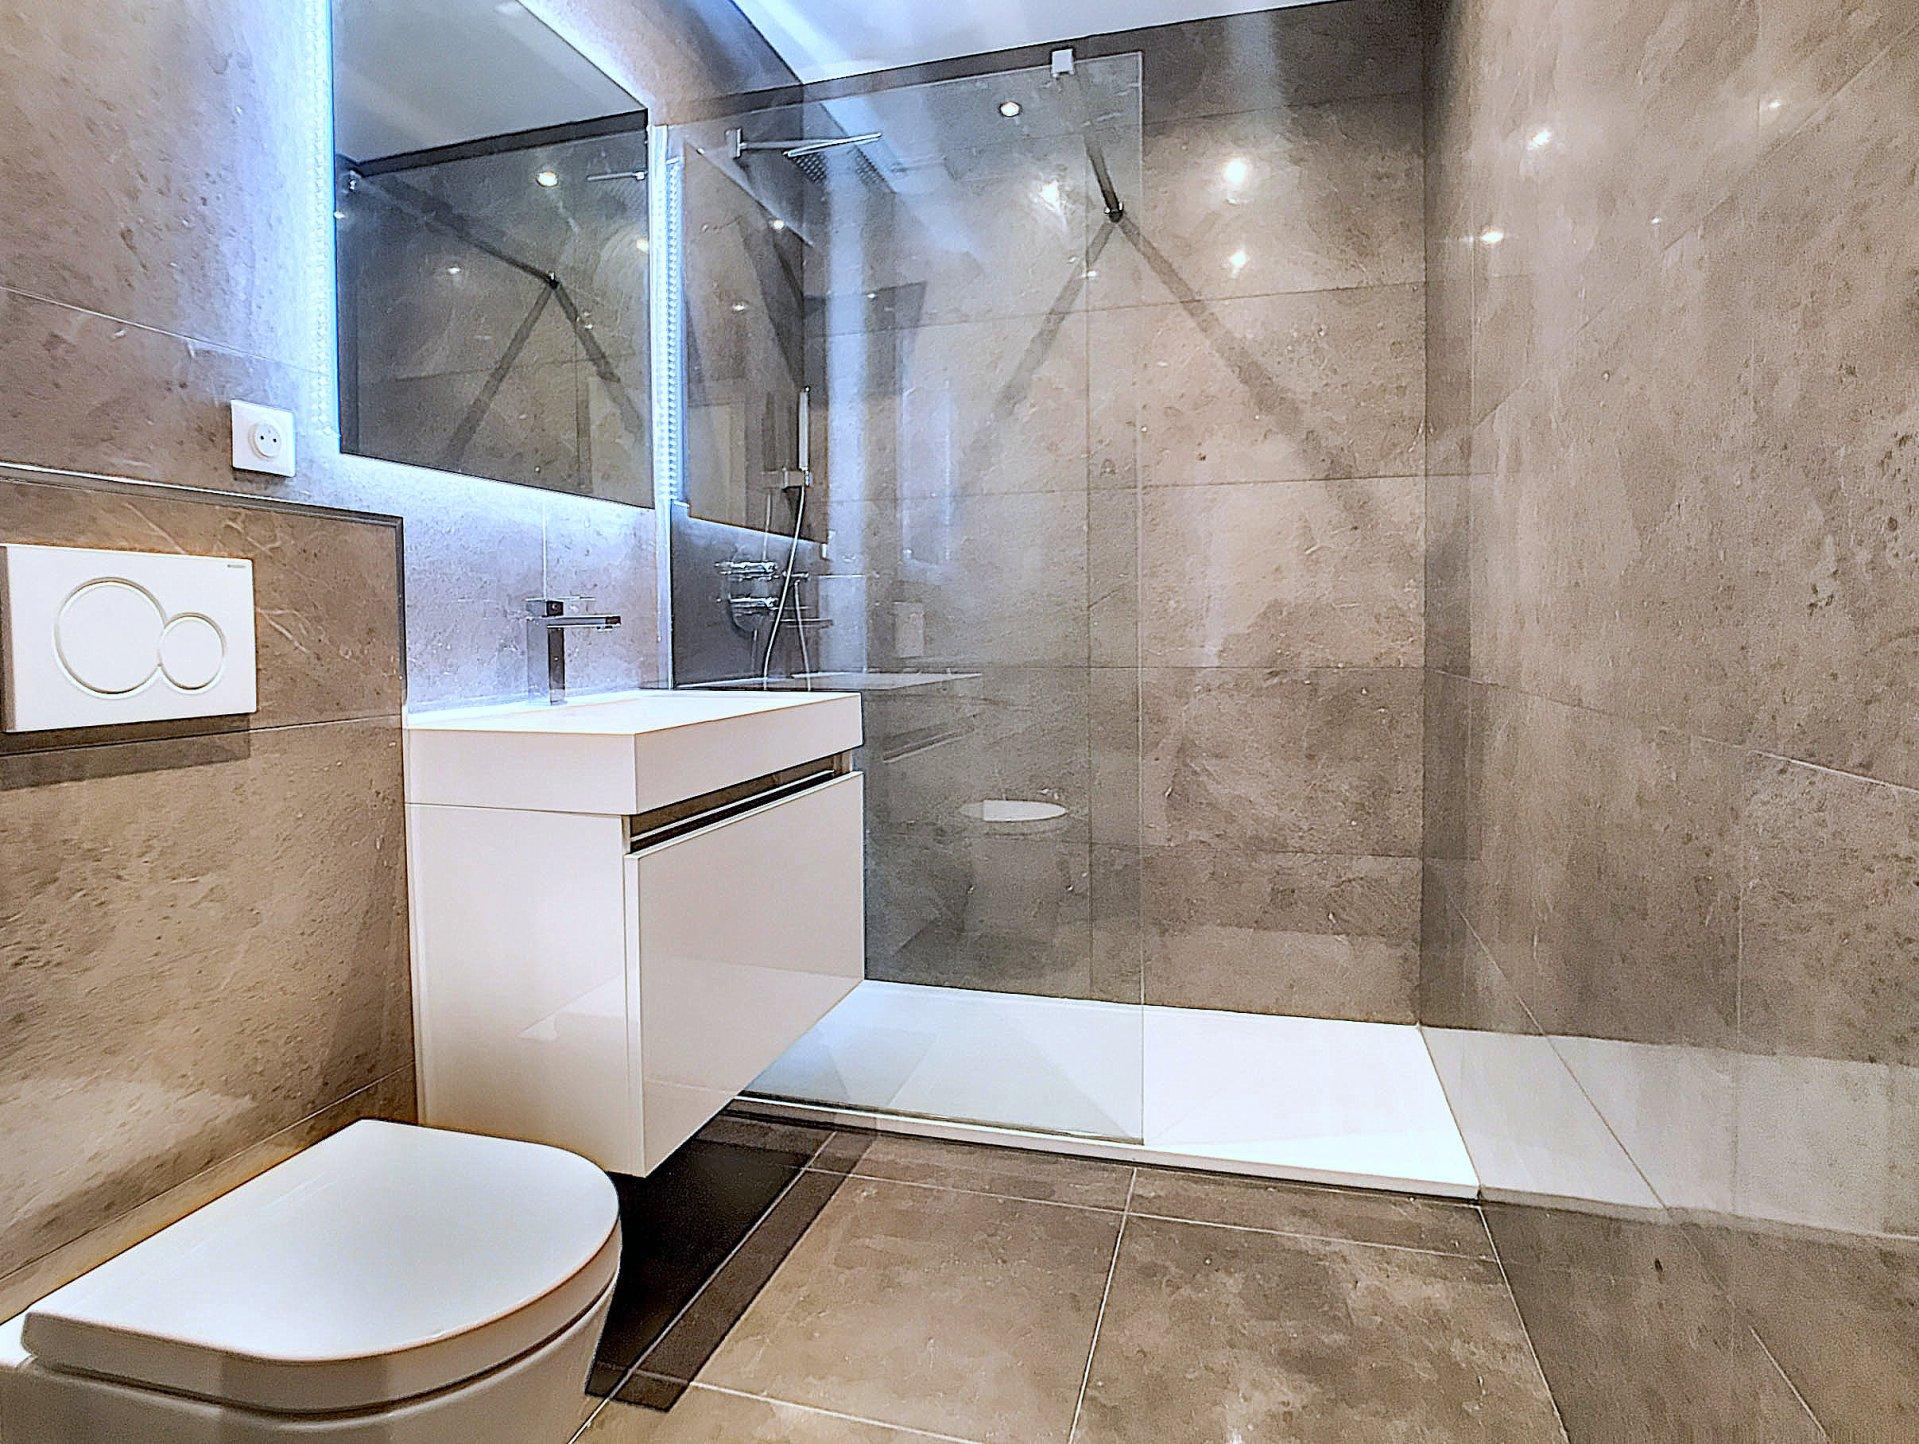 VENTE Appartement 4P 102M² Luxe Nice Début Promenade des Anglais Vue Mer Terrasse